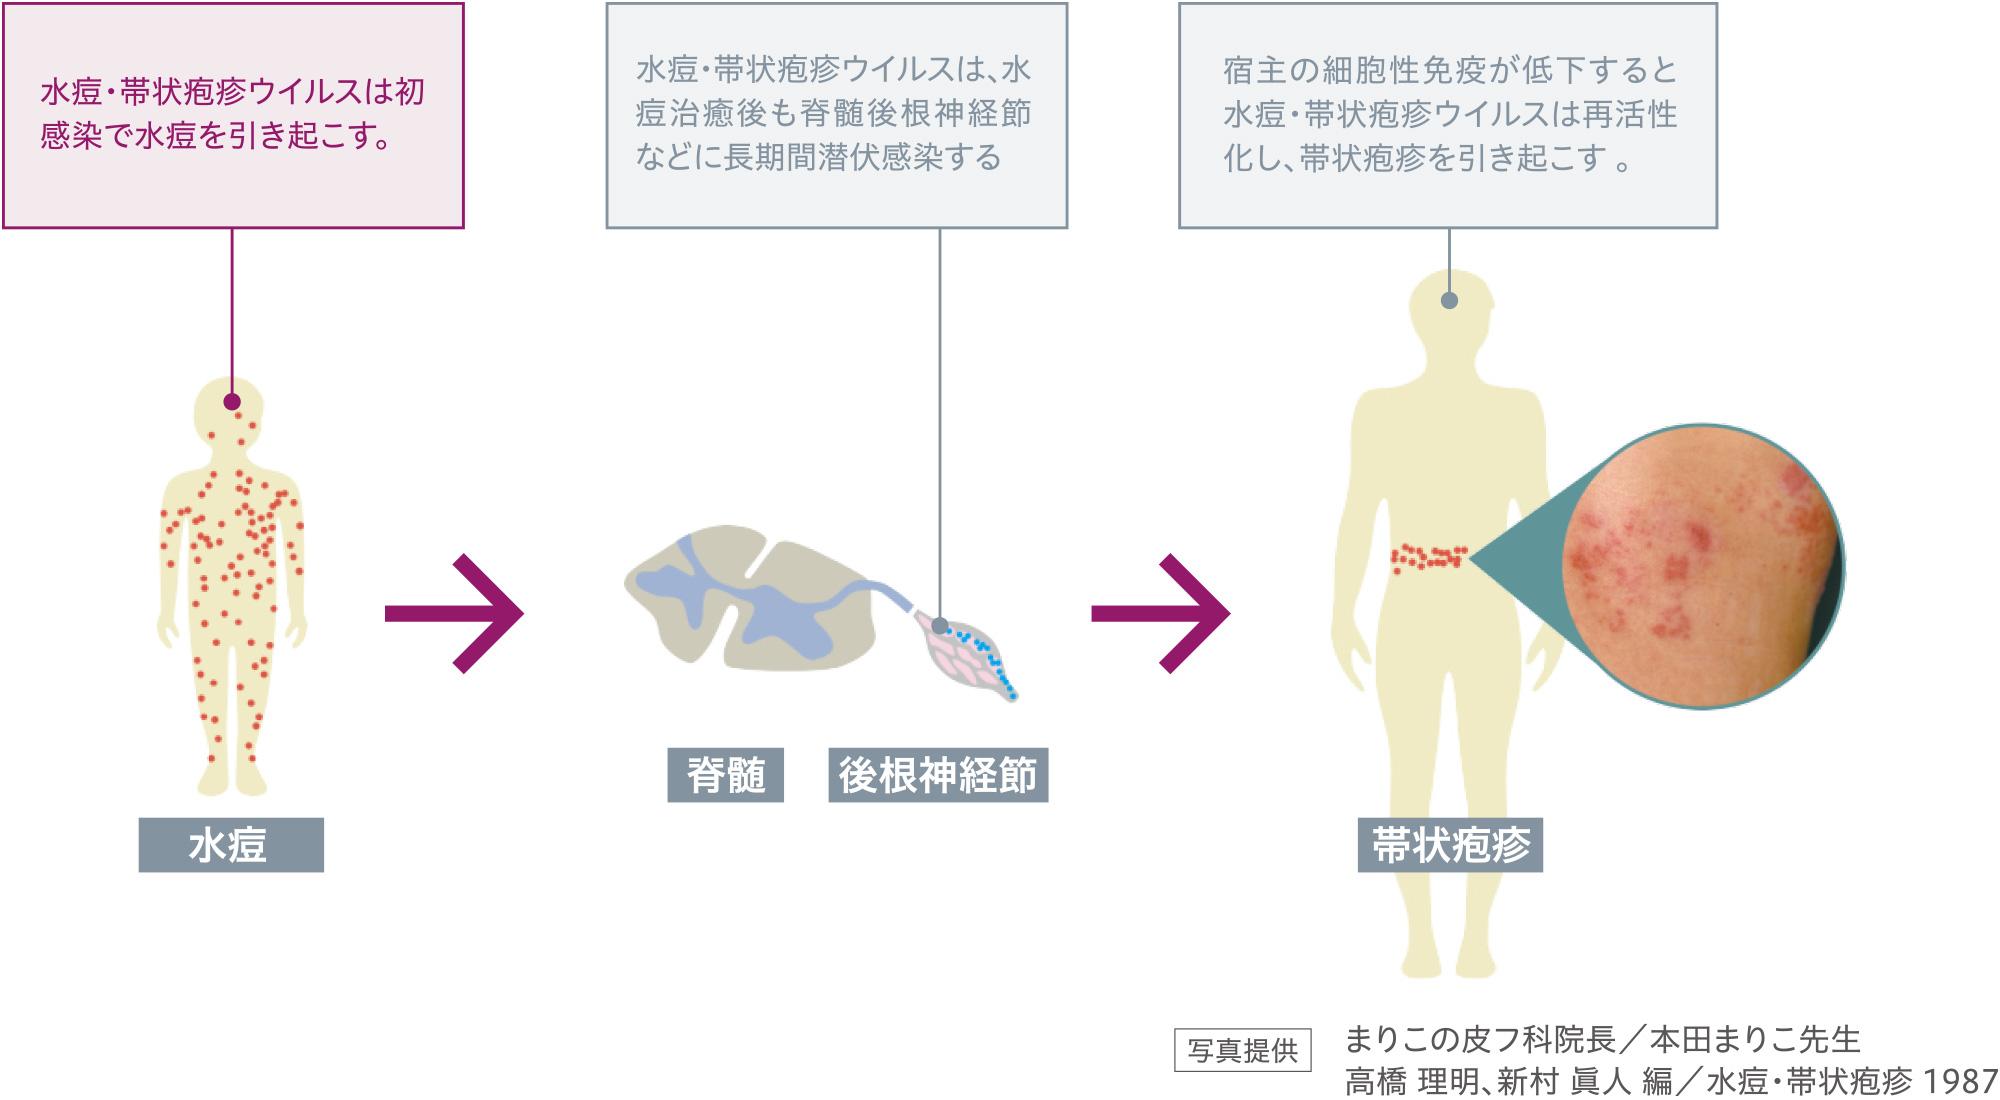 水痘・帯状疱疹ウイルスは初感染で水痘を引き起こす。水痘・帯状疱疹ウイルスは、水痘治癒後も脊髄後根神経節などに長期間潜伏感染する。宿主の細胞性免疫が低下すると水痘・帯状疱疹ウイルスは再活性化し、帯状疱疹を引き起こす 。写真提供:まりこの皮フ科院長/本田まりこ先生、高橋 理明、新村 眞人 編/水痘・帯状疱疹 1987